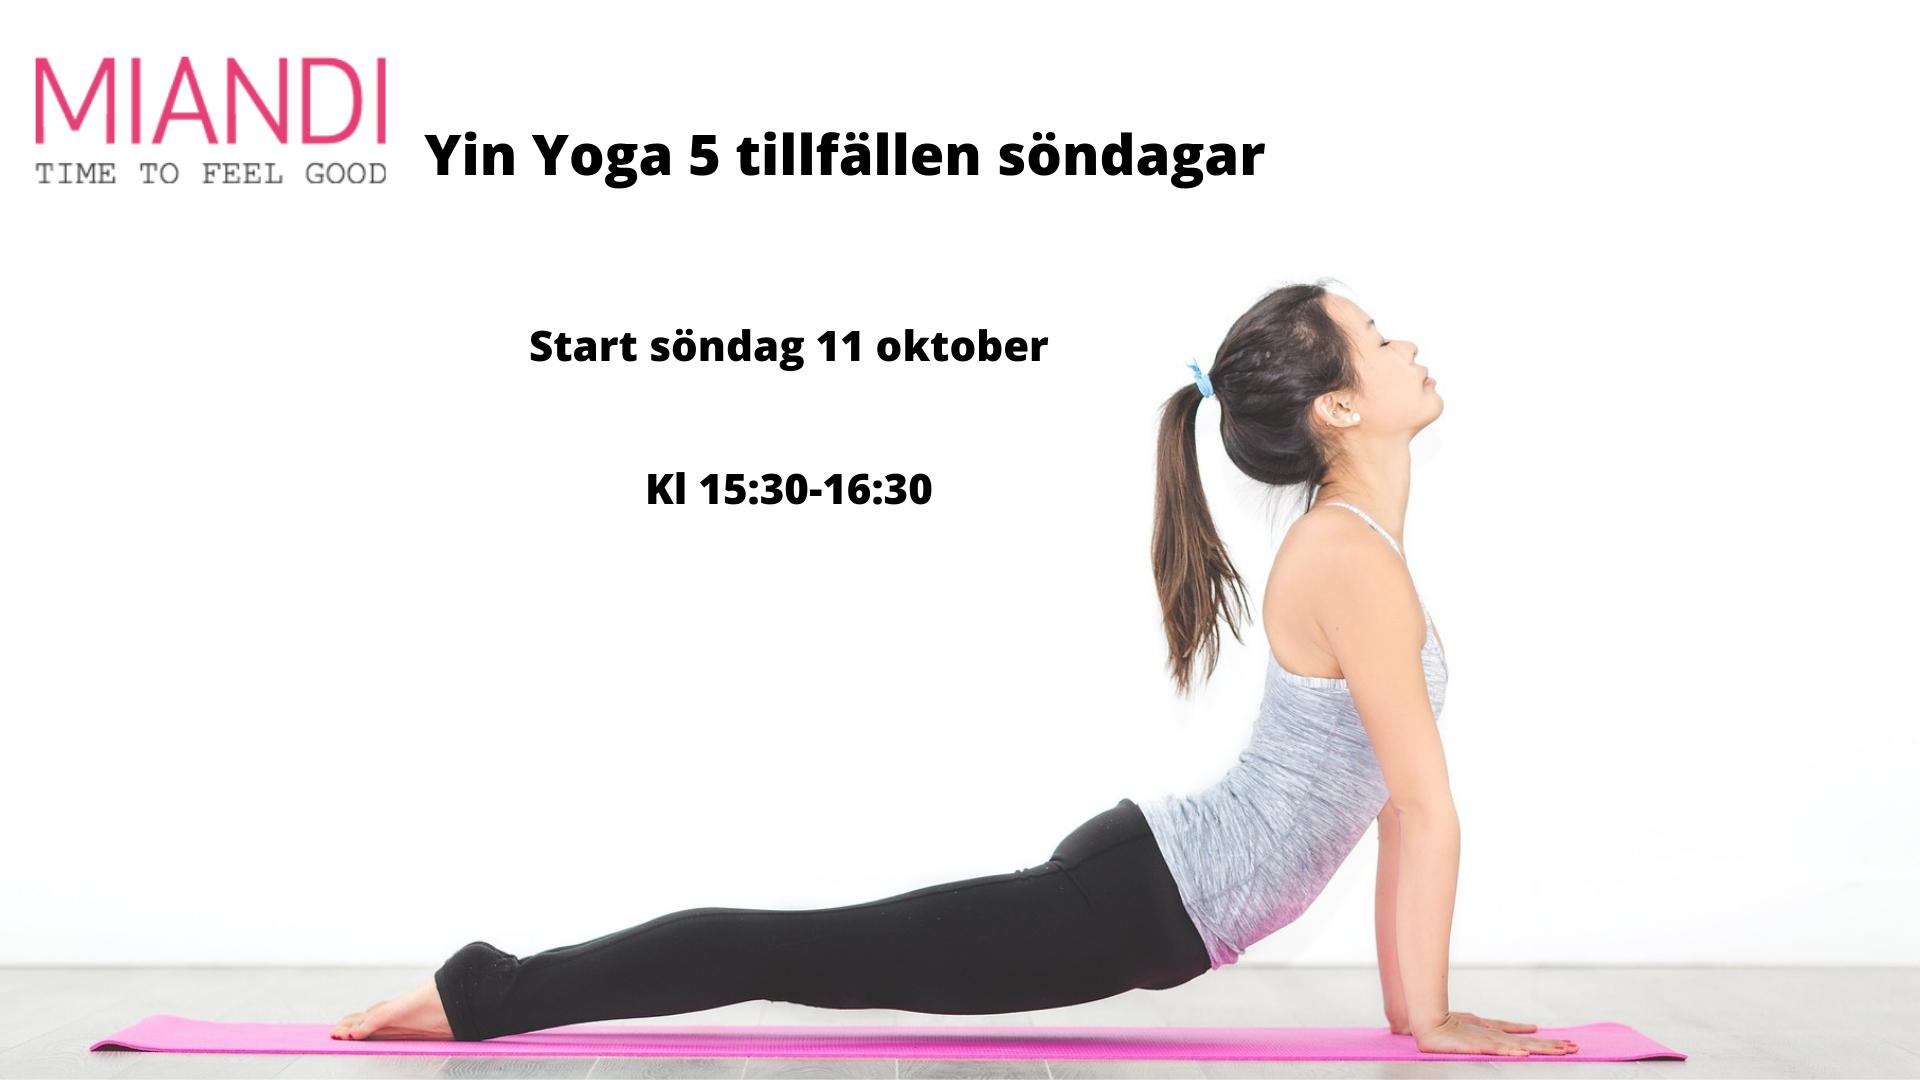 Yin Yoga 5 tillfällen söndagar